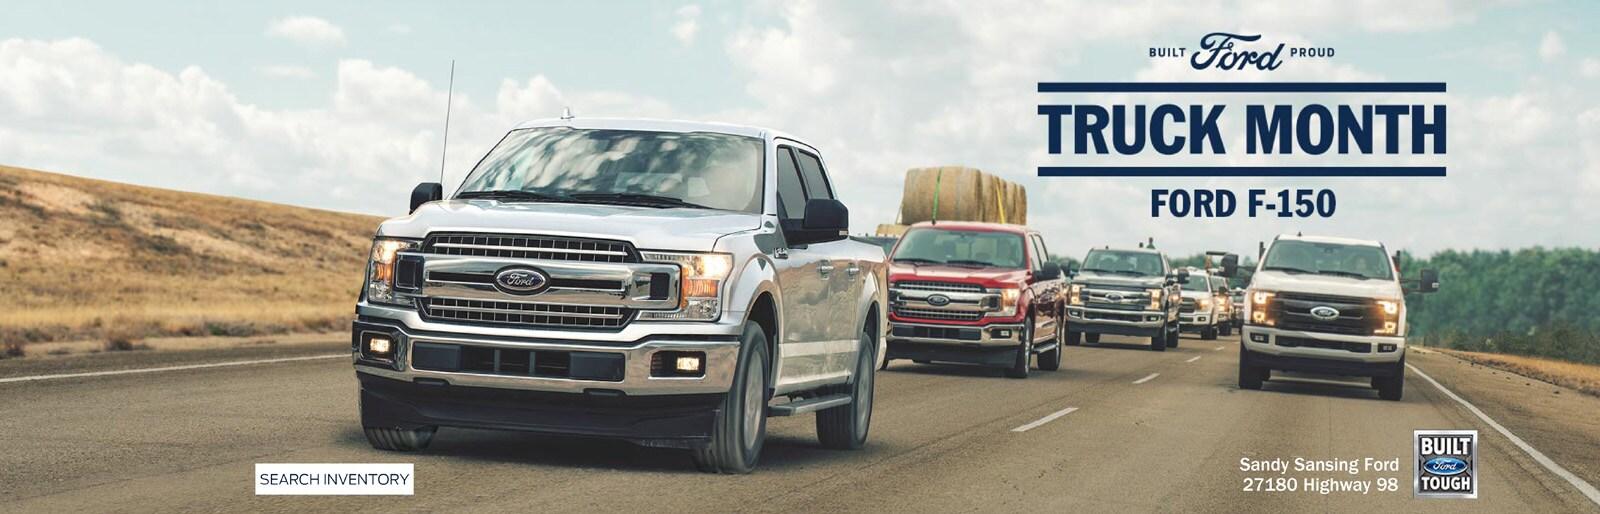 Car Dealerships In Daphne Al >> Sandy Sansing Ford Lincoln | Ford, Lincoln Dealership in Daphne, AL